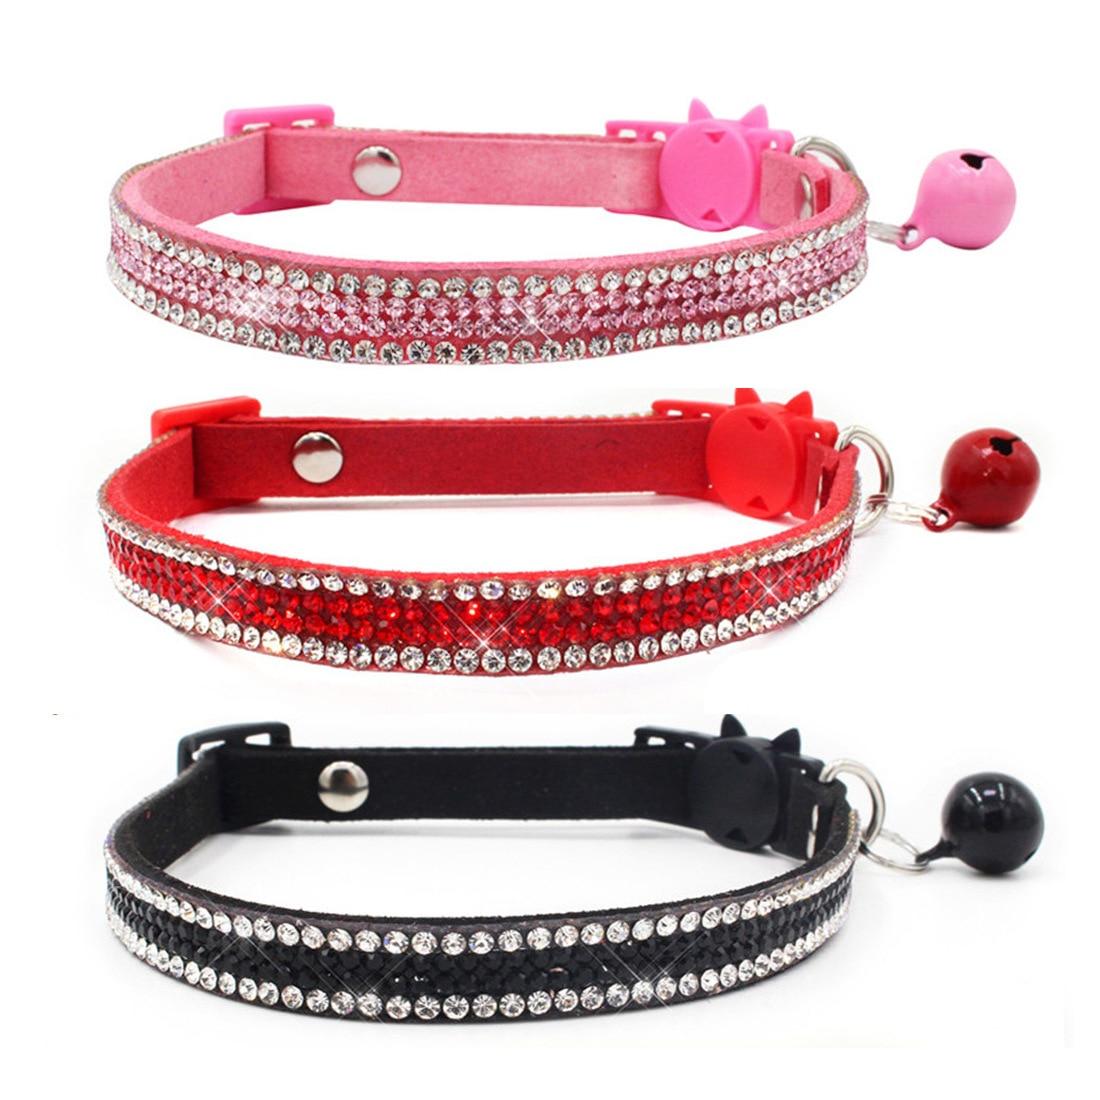 Ошейник для кошки, Кристальное ожерелье для котенка с колокольчиком, кольцо для шеи, безопасный ошейник для котенка, аксессуары для шеи, тов...